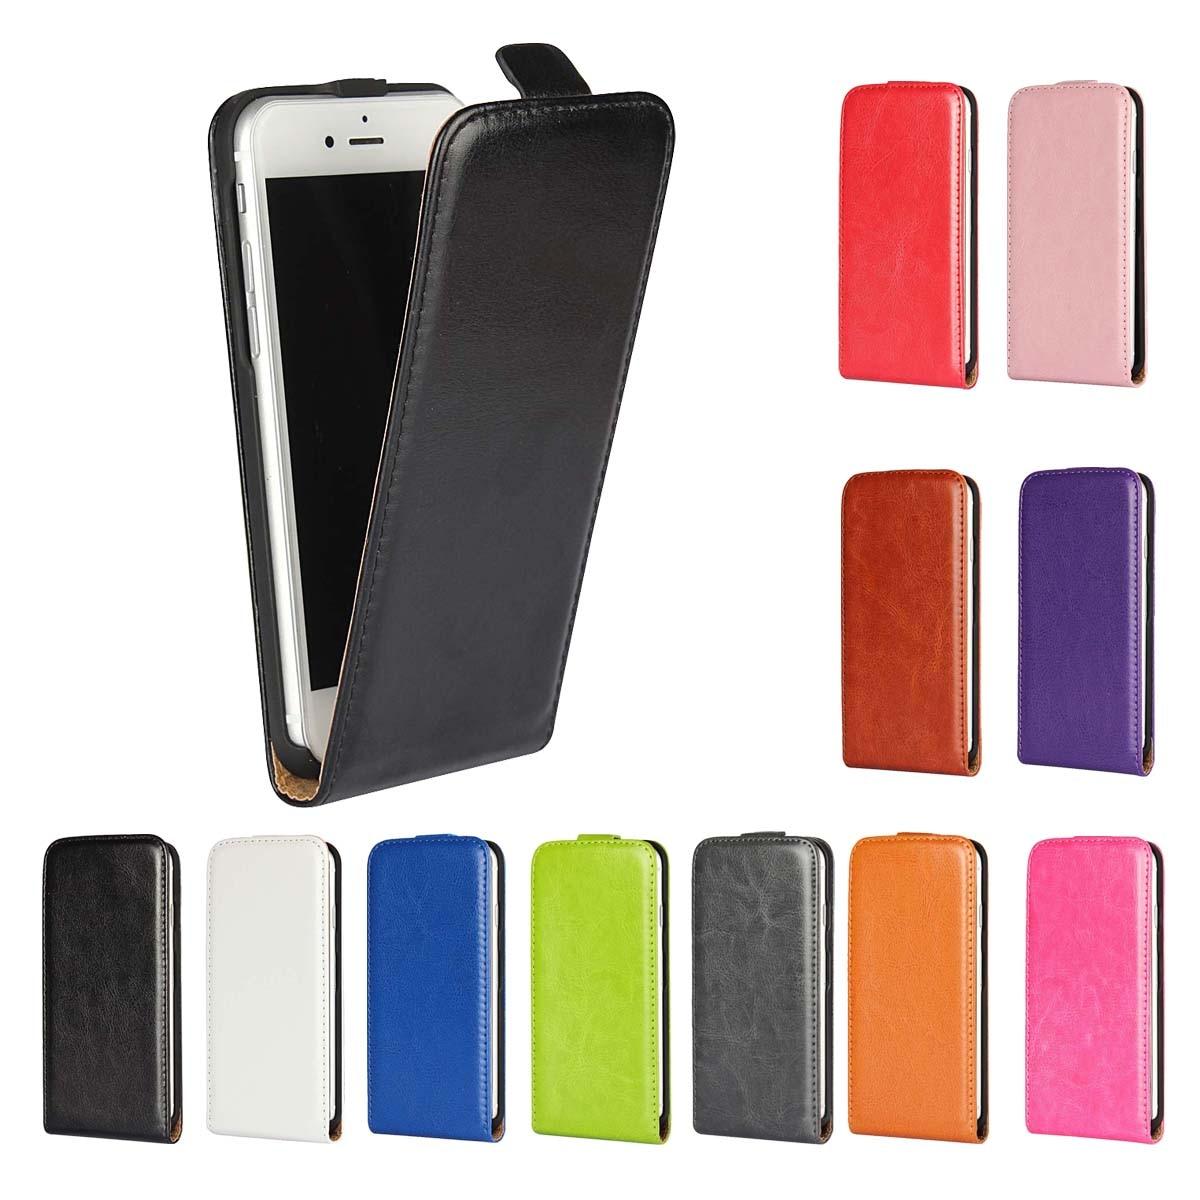 Livre de luxe PU étui à rabat en cuir téléphone Flip vertical sac de couverture pour iPhone 5G 5S SE 5C 4S 7 8 Plus 6G 6S Plus